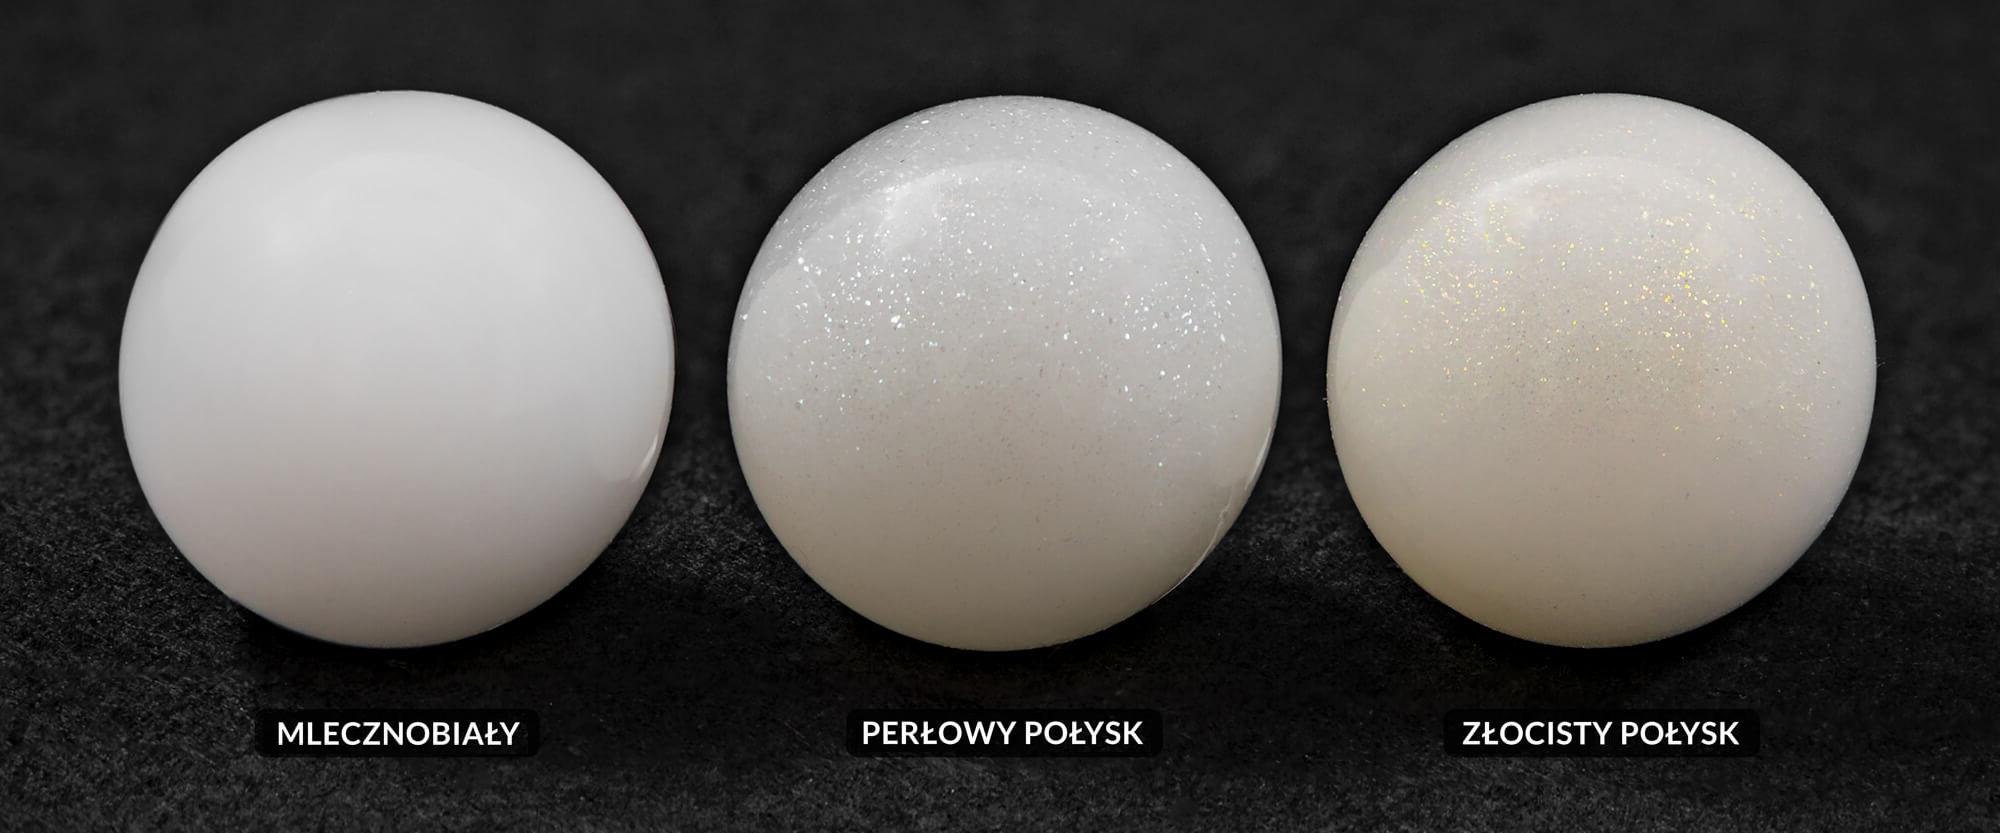 Wariant perły (wymagane)